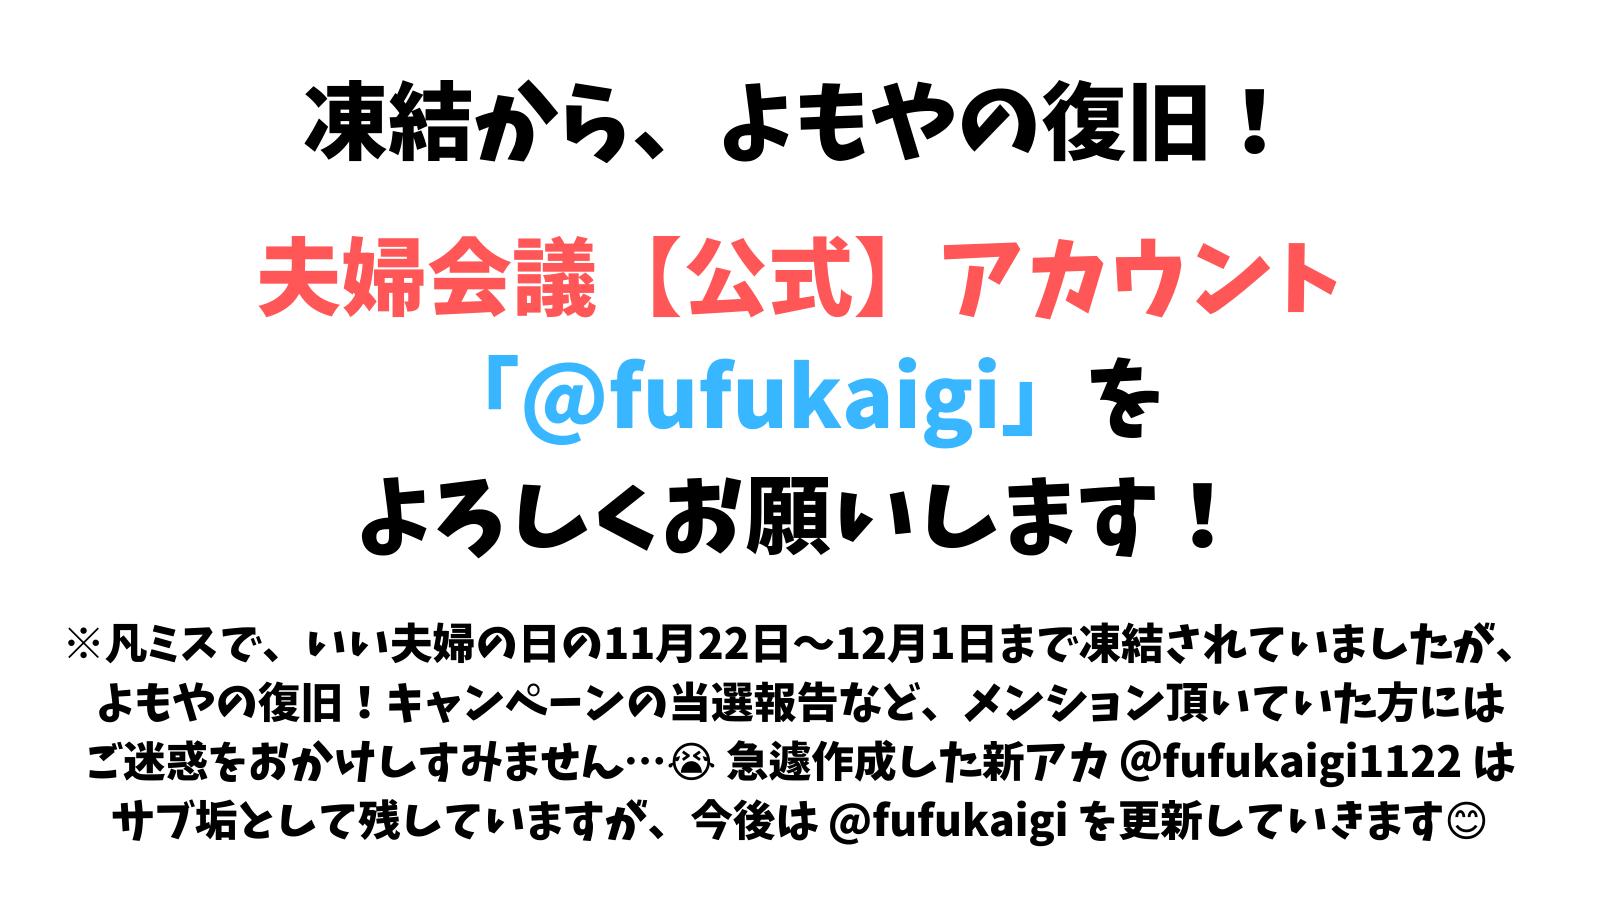 【凍結から復旧】Twitter「夫婦会議【公式】」アカウントに関するお知らせ